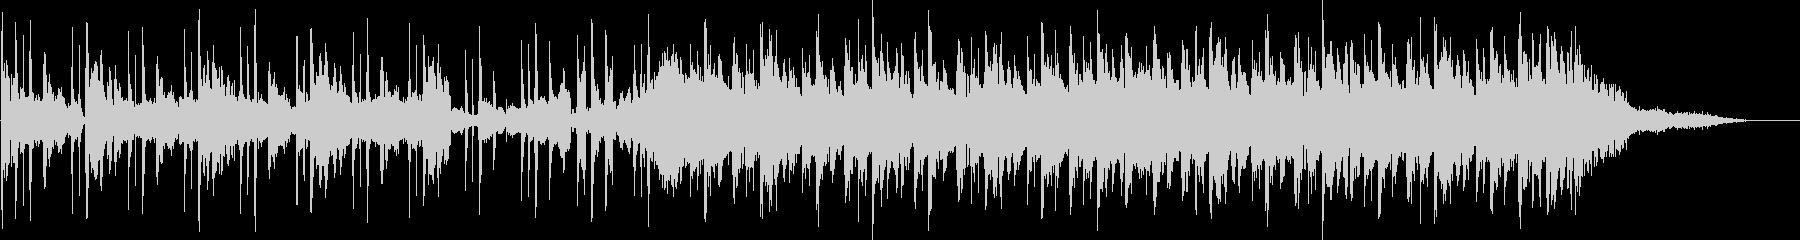 30秒CM向けエレクトロポップの未再生の波形